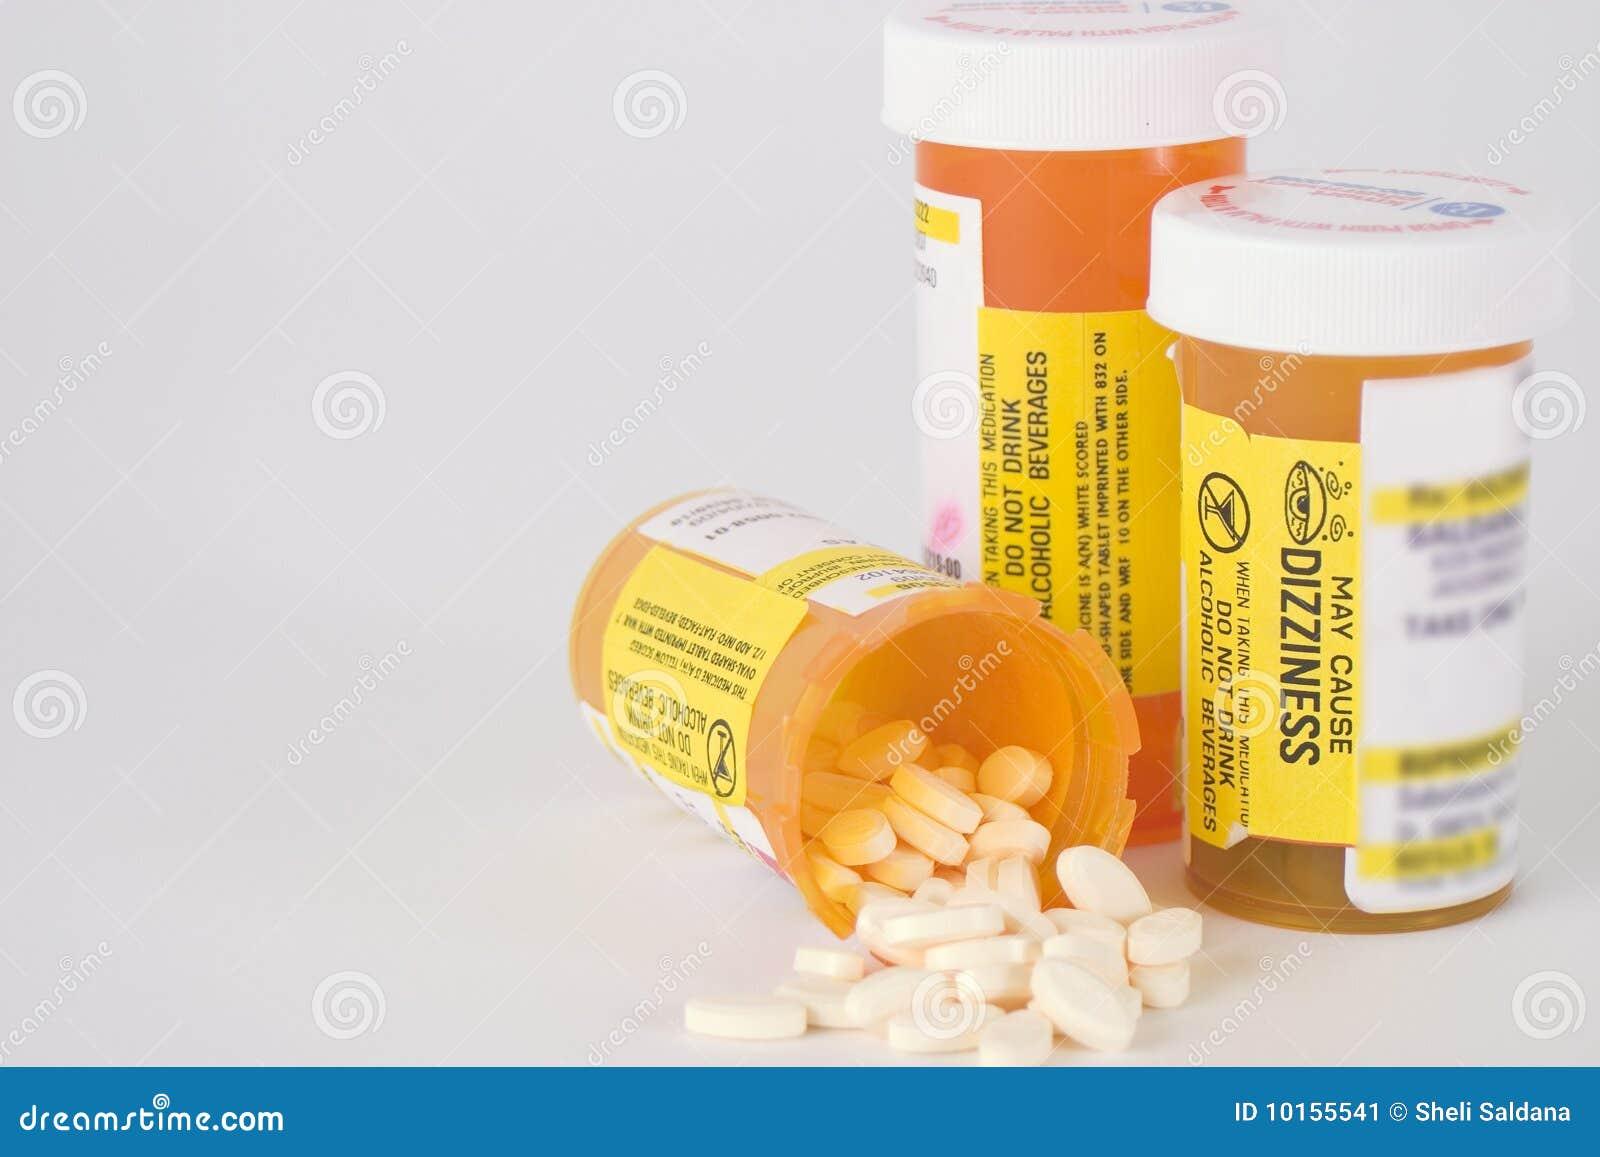 robaxin for sciatica